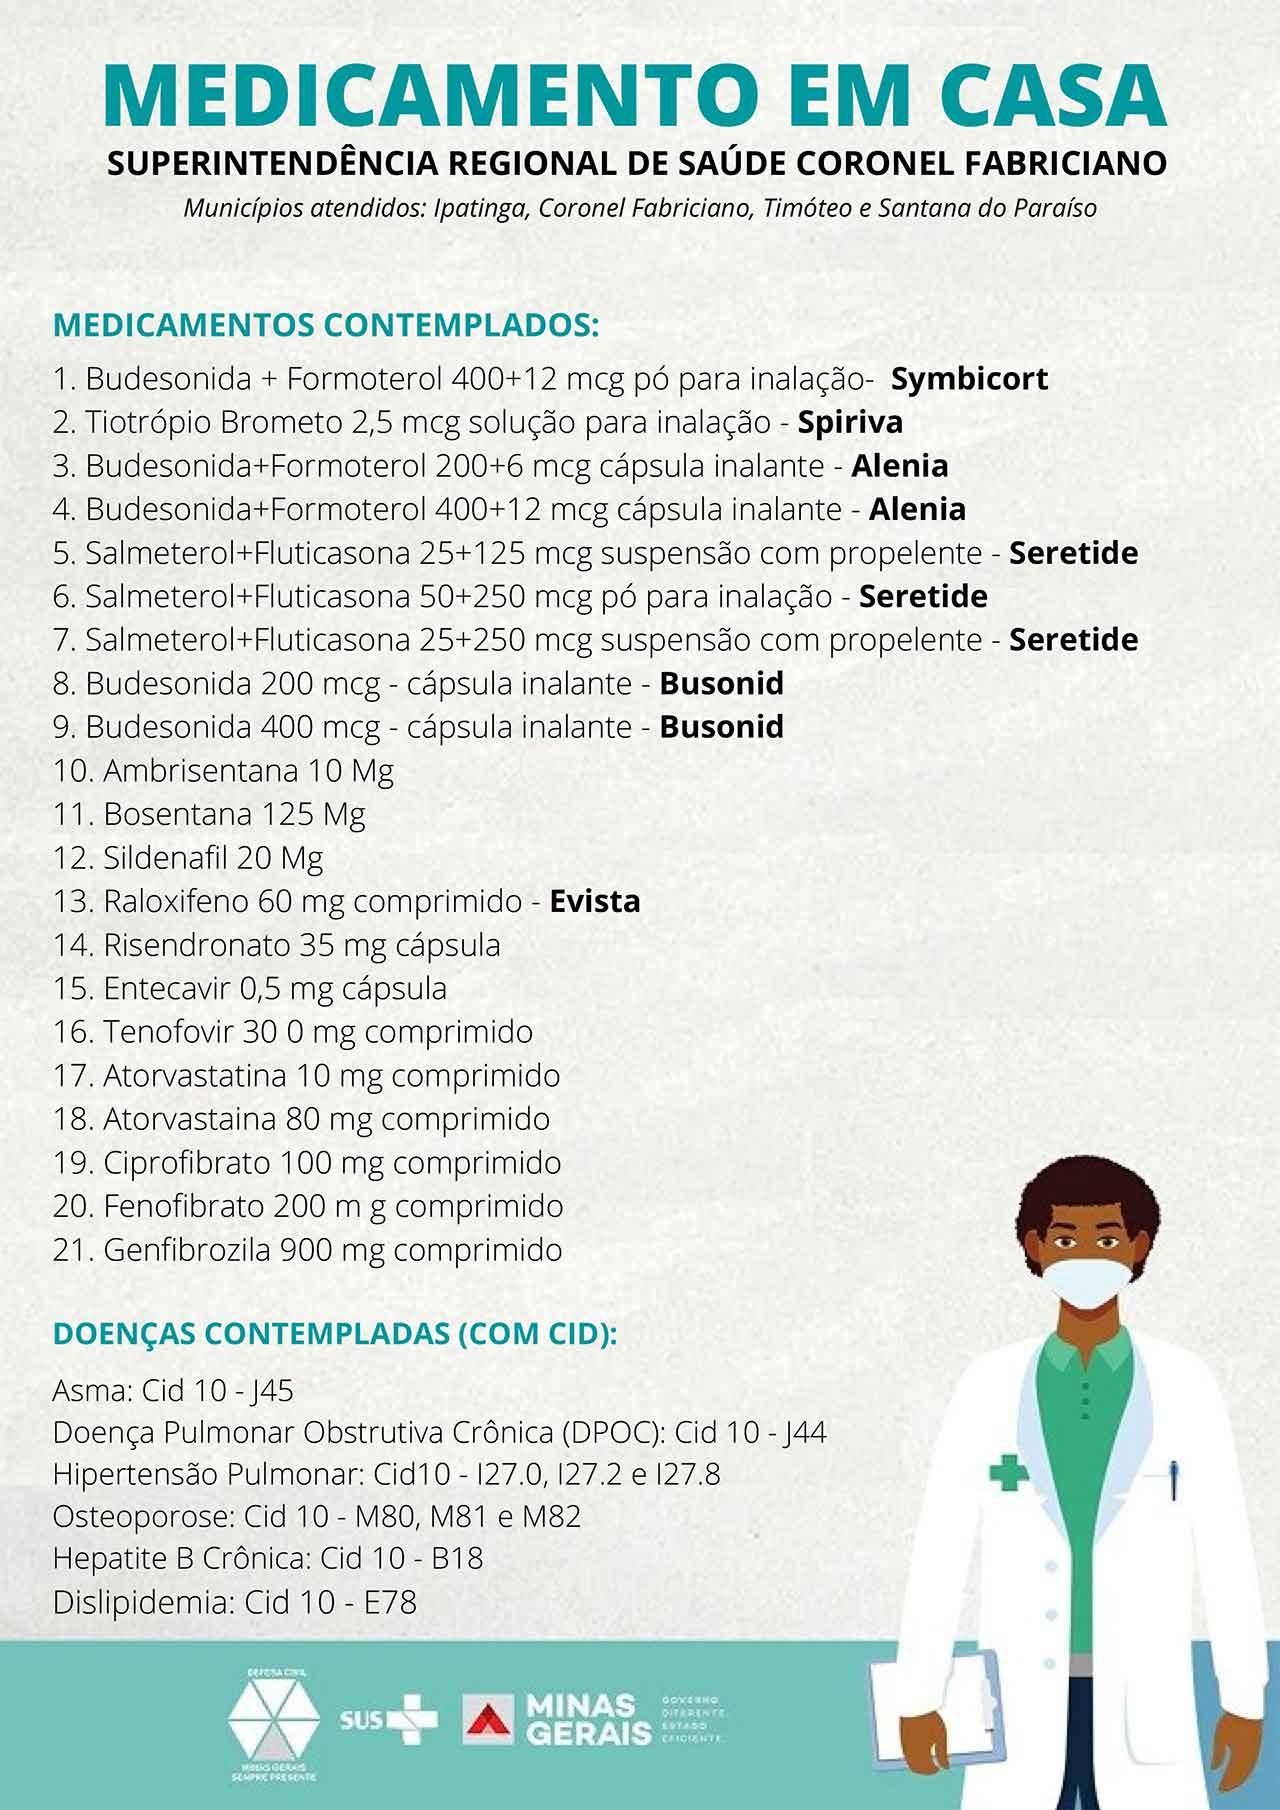 MEDICAMENTO-EM-CASA